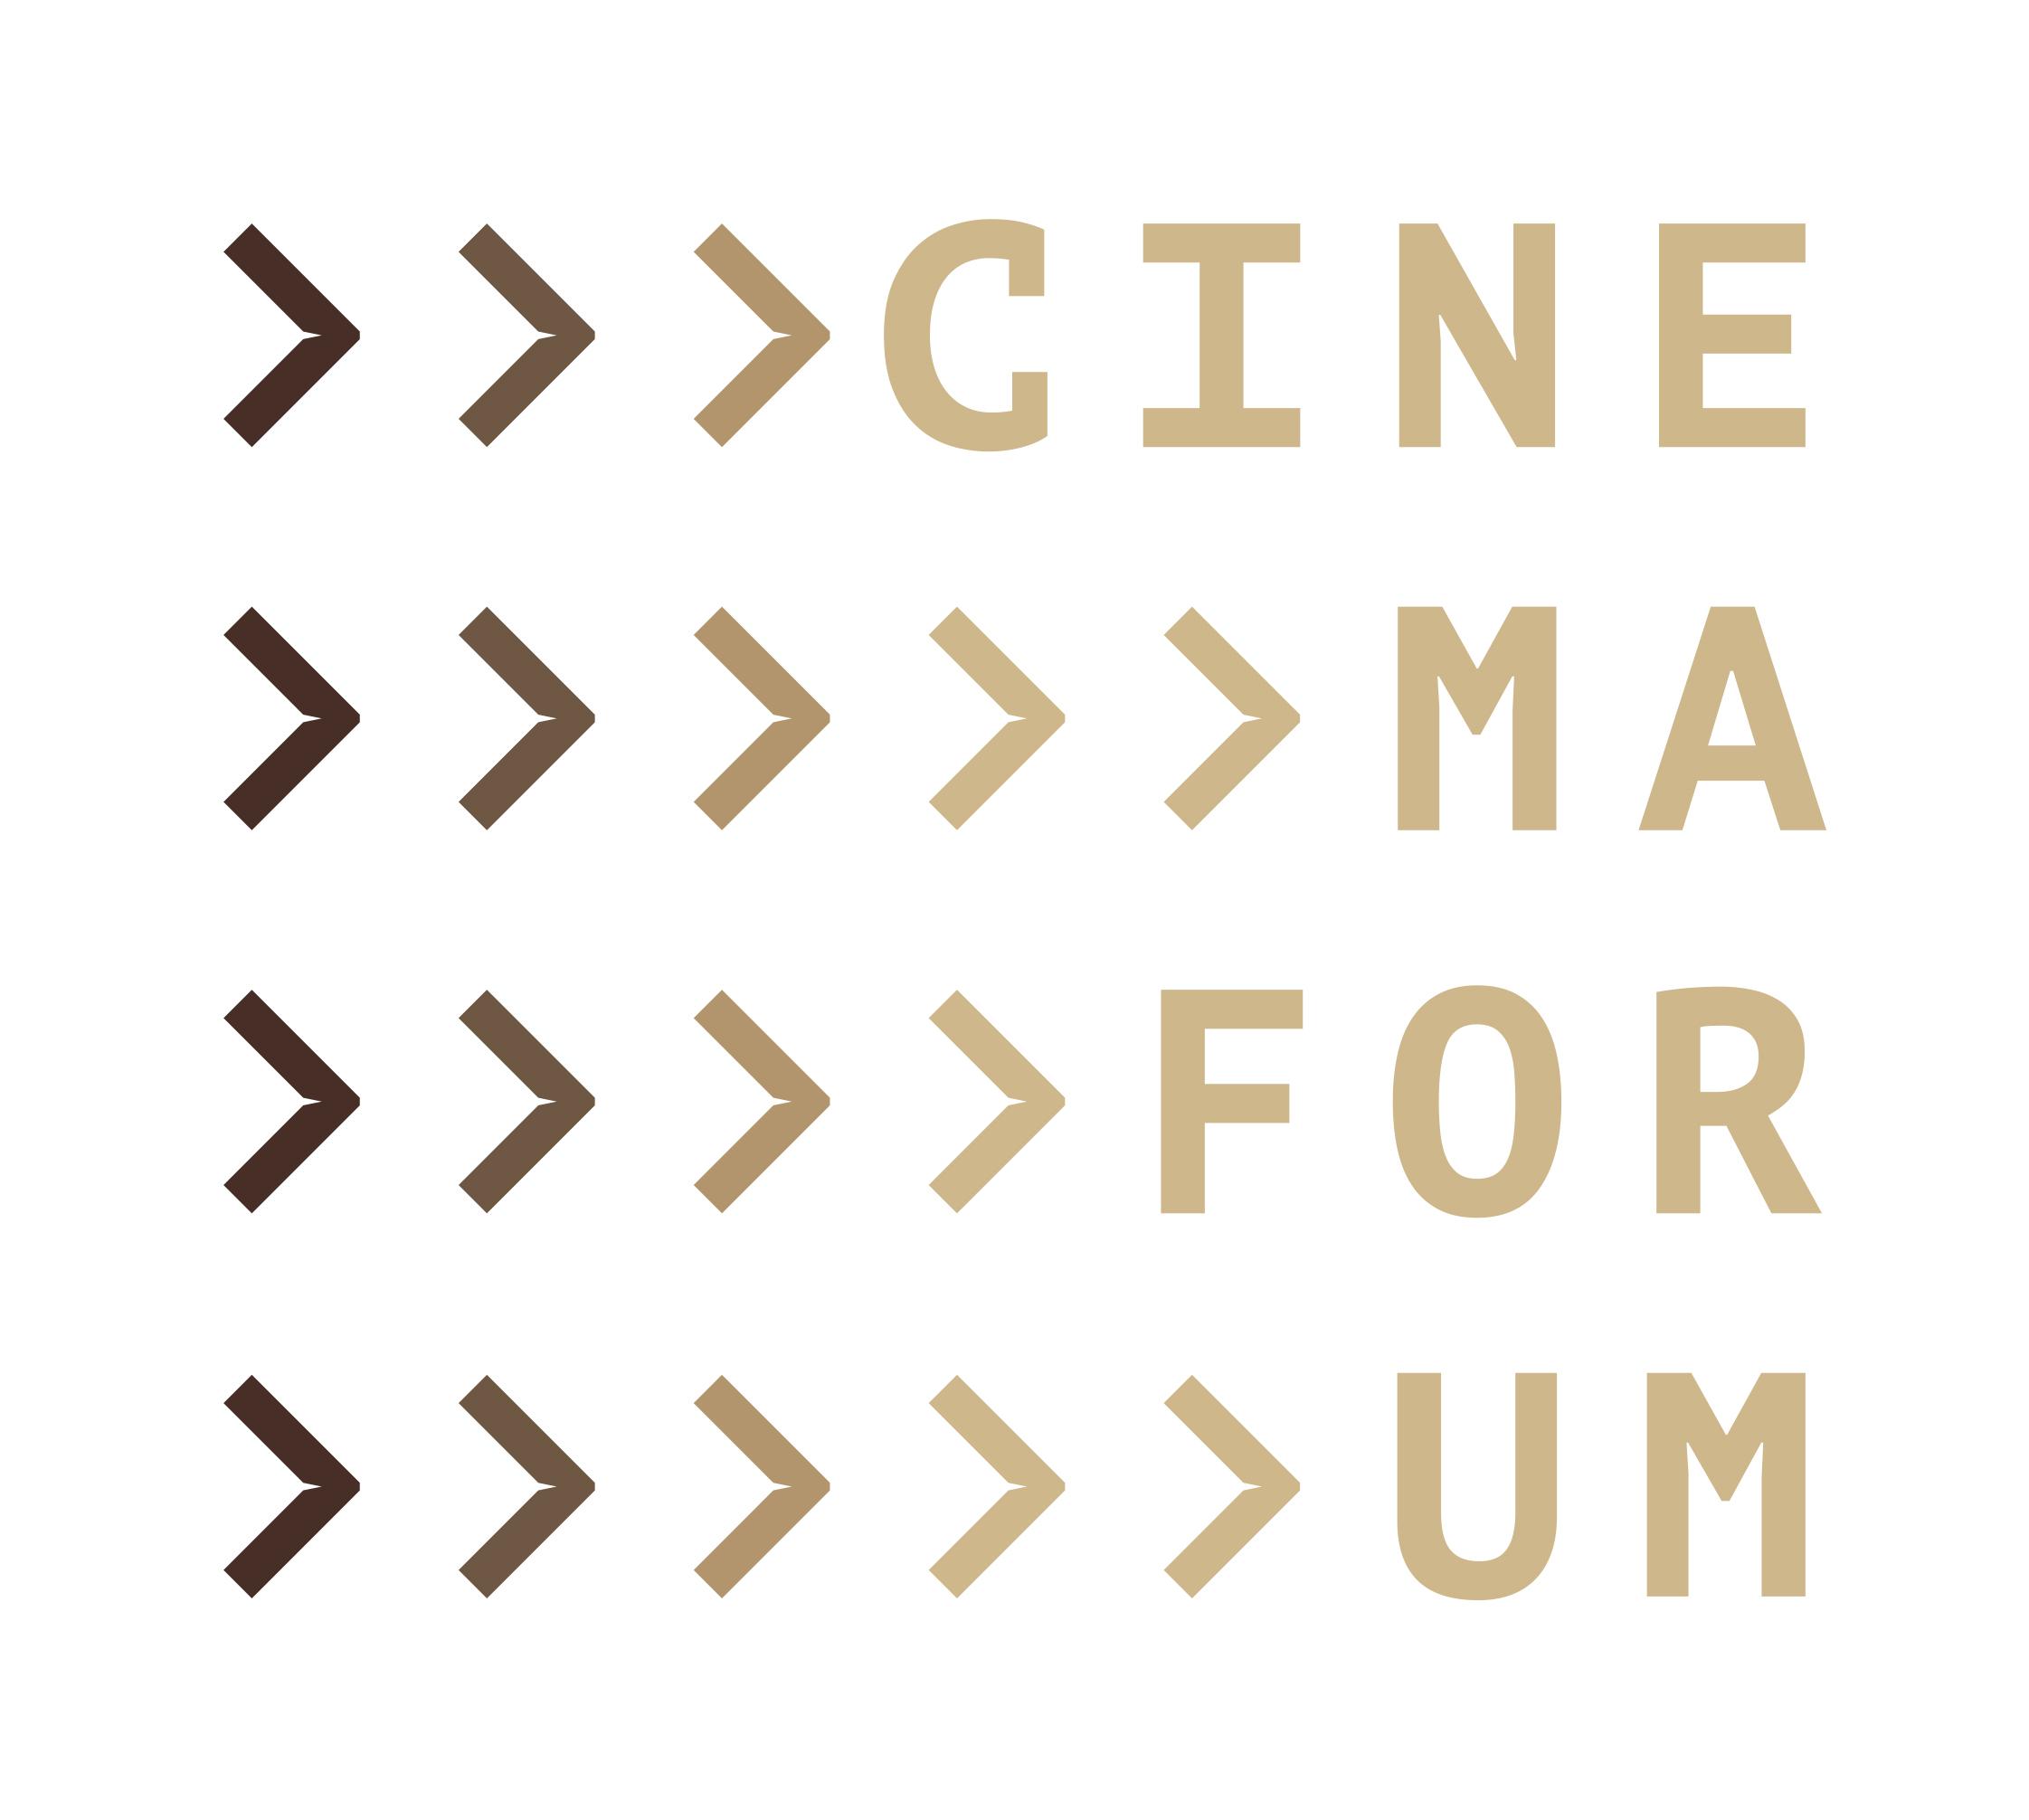 14. Międzynarodowe Forum Niezależnych Filmów Fabularnych w Warszawie, logotyp (źródło: materiały prasowe organizatora)